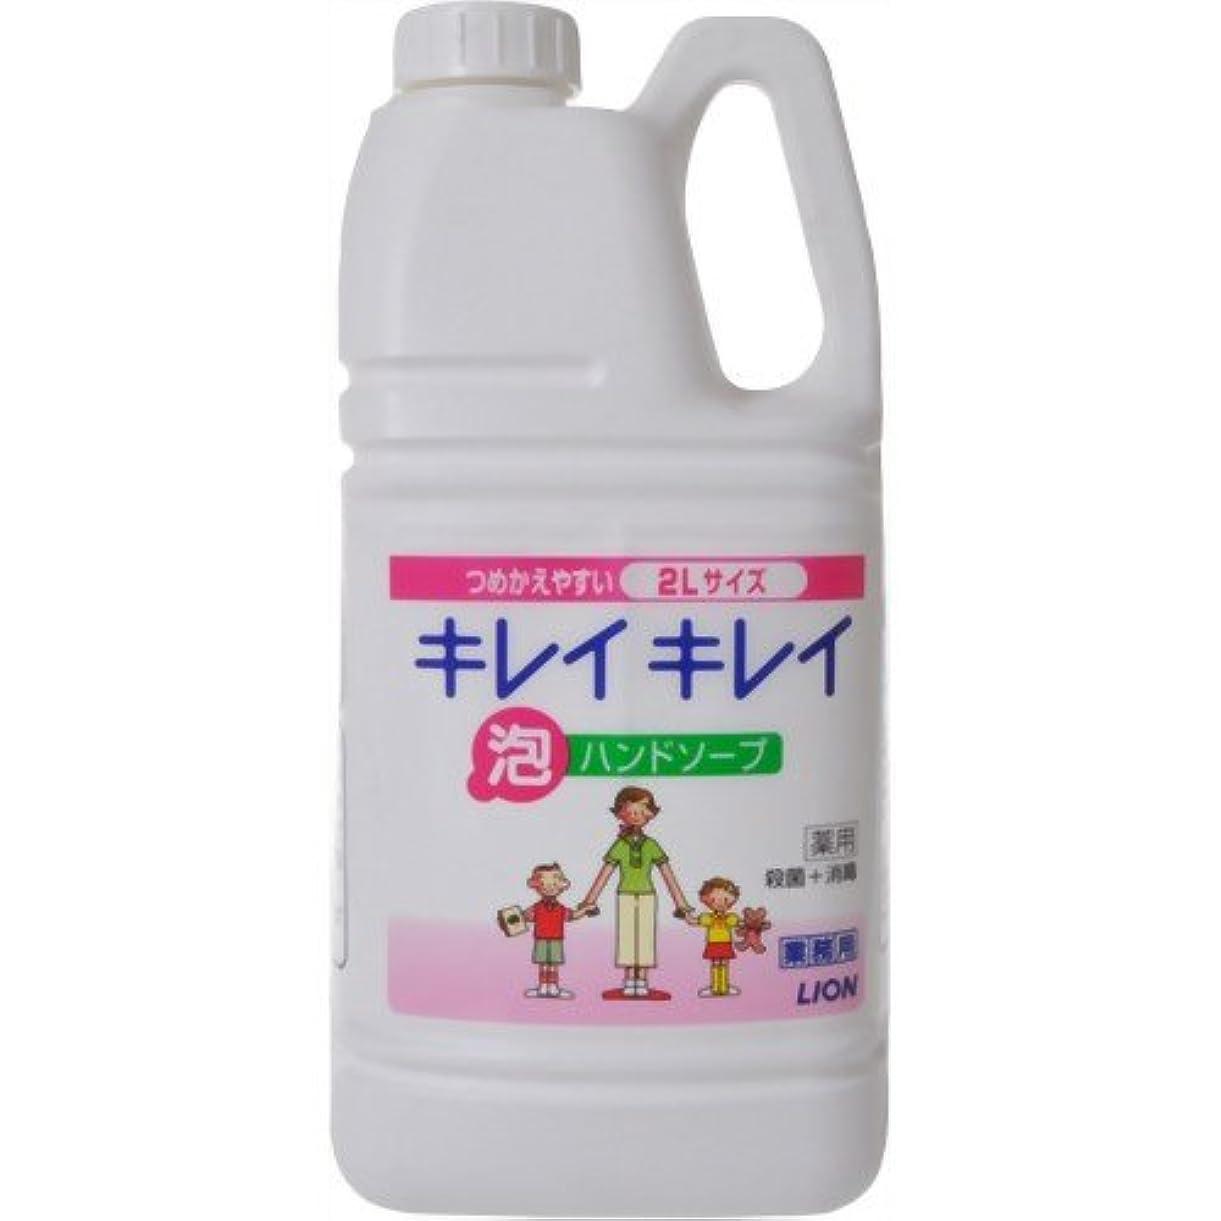 シプリー上下する知り合いキレイキレイ薬用泡ハンドソープ2L(業務用)